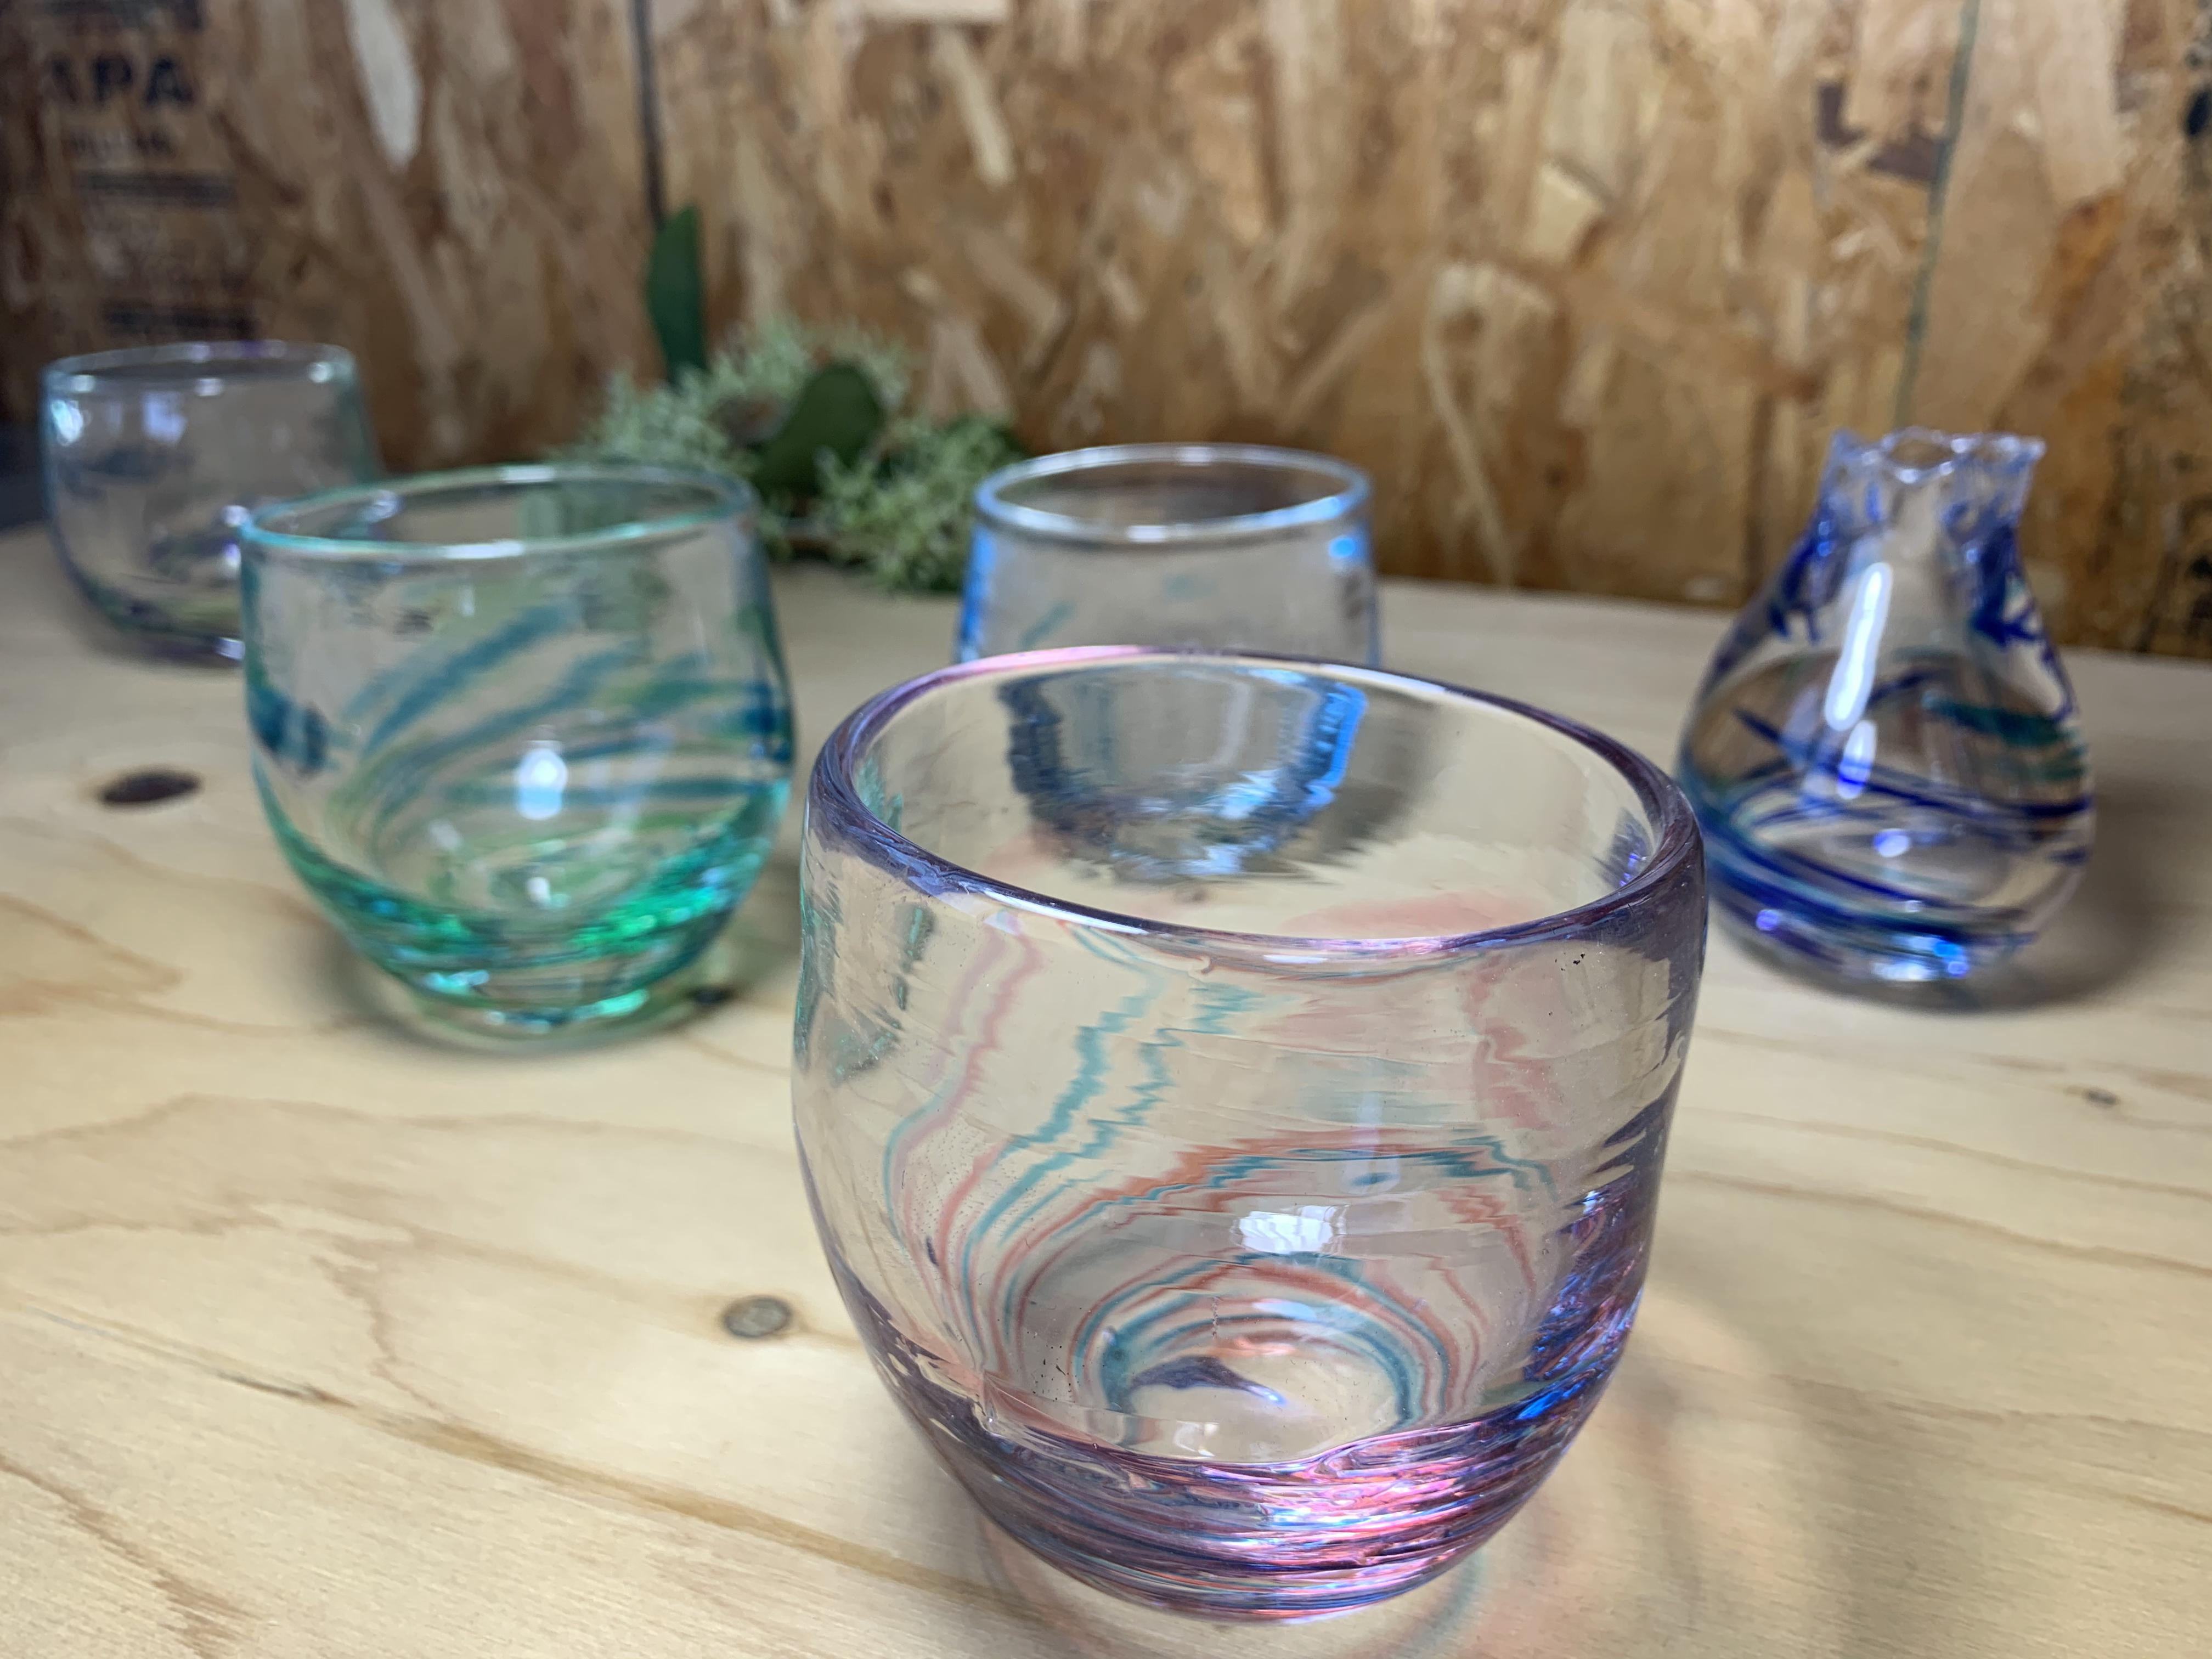 ピンブローガラス体験(創作硝子工房)